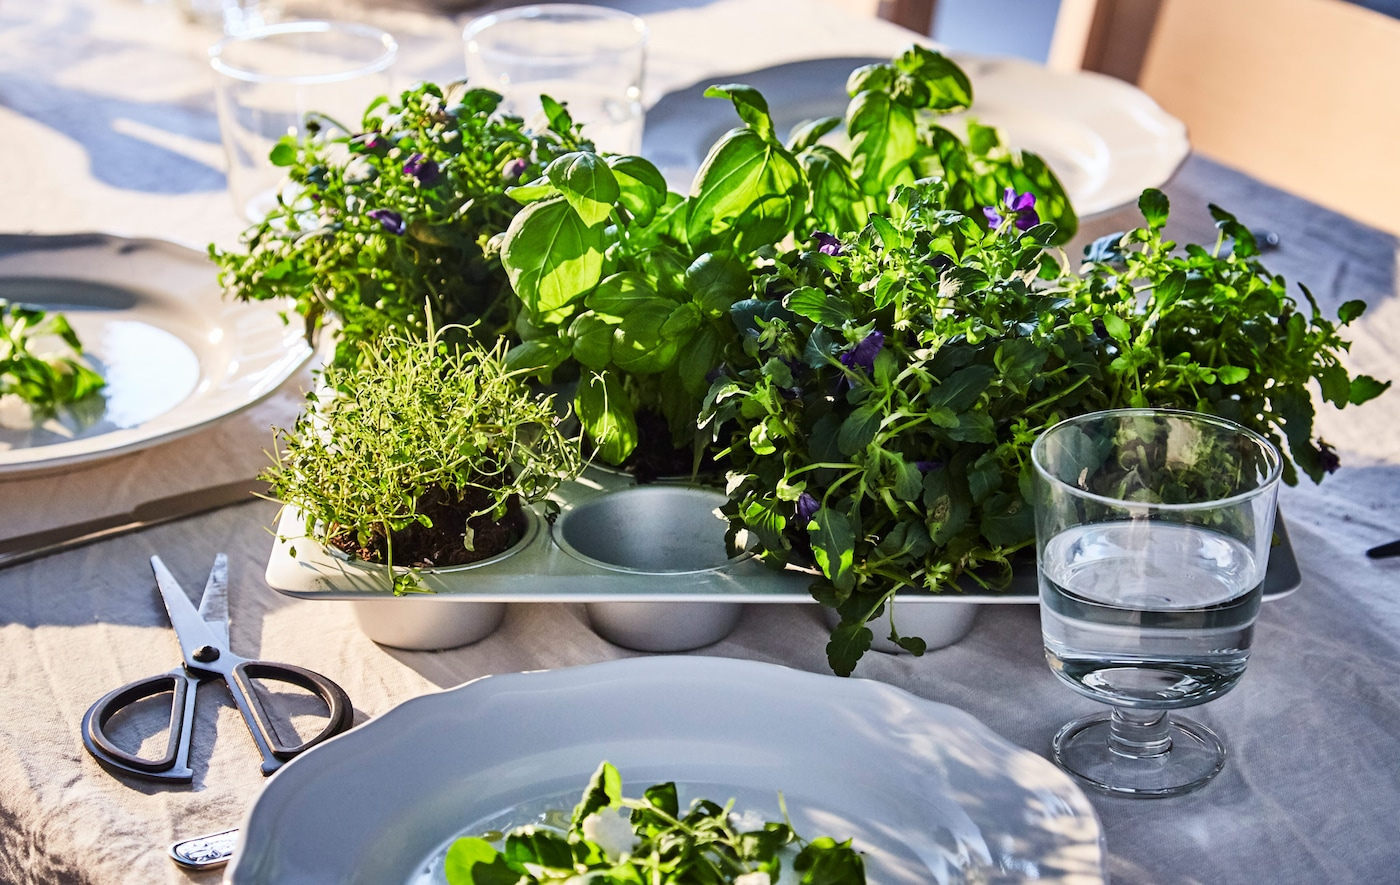 Des herbes aromatiques sont plantées dans un moule à muffins, posé sur une table.